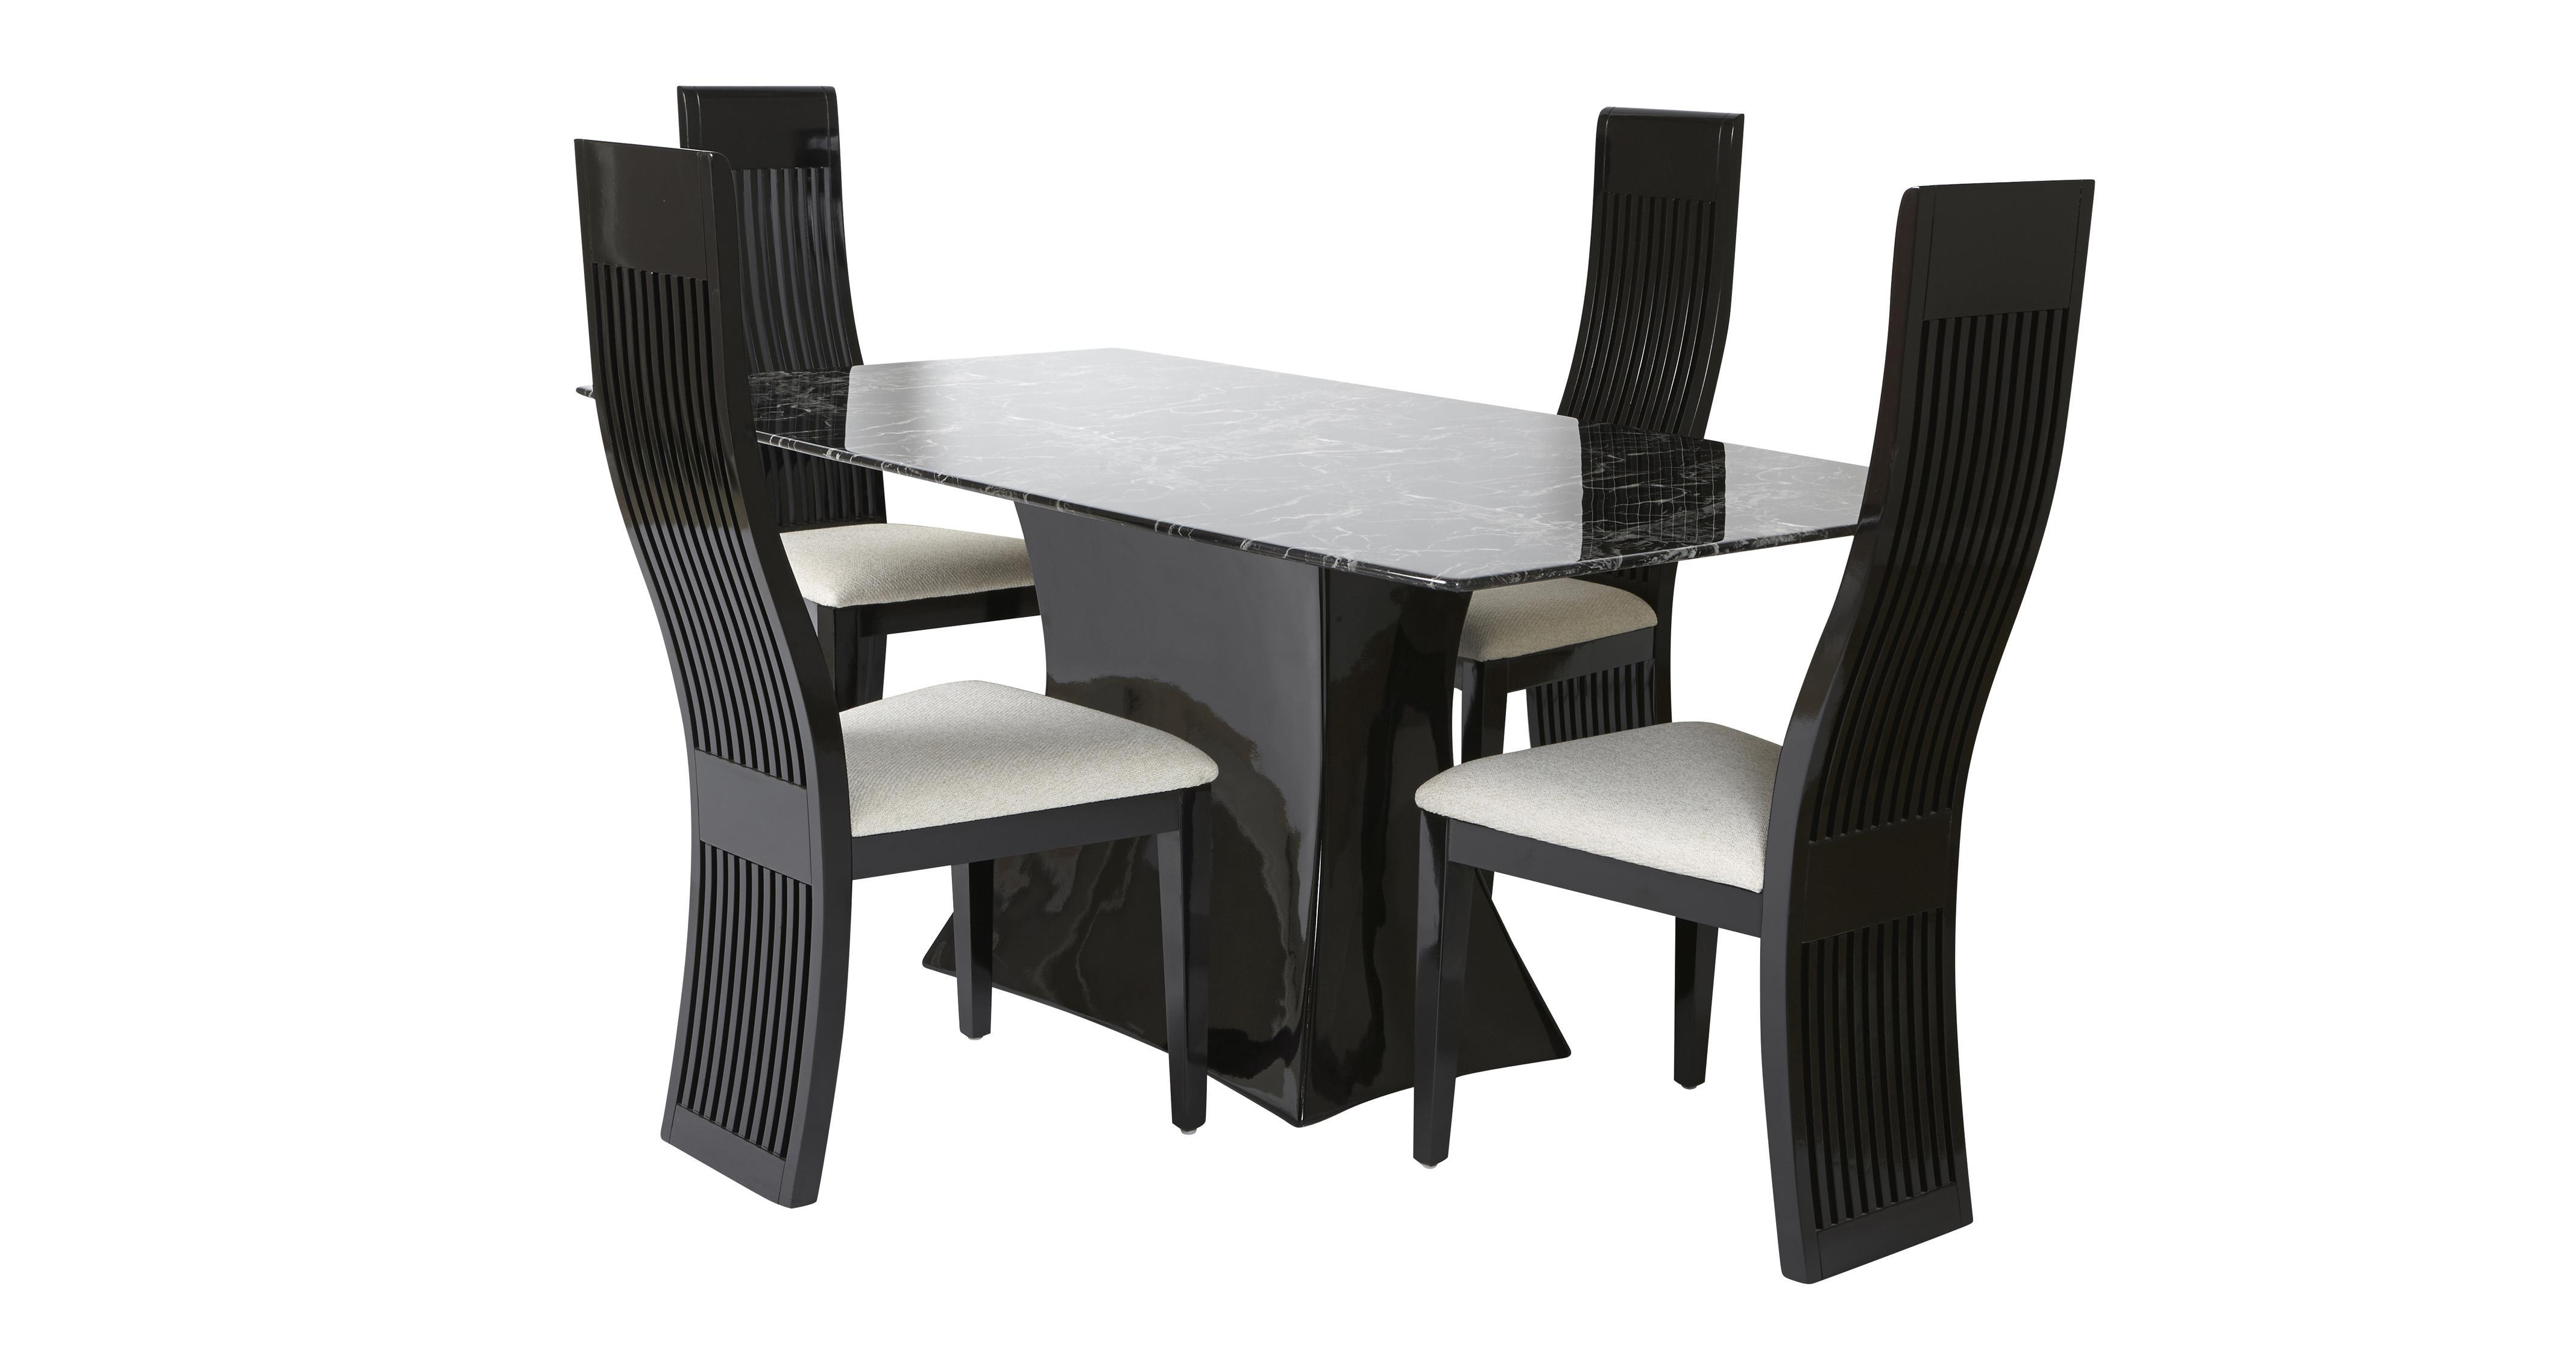 Trattoria vaste rechthoekige eettafel en 4 tulsa stoelen for Eettafel en stoelen